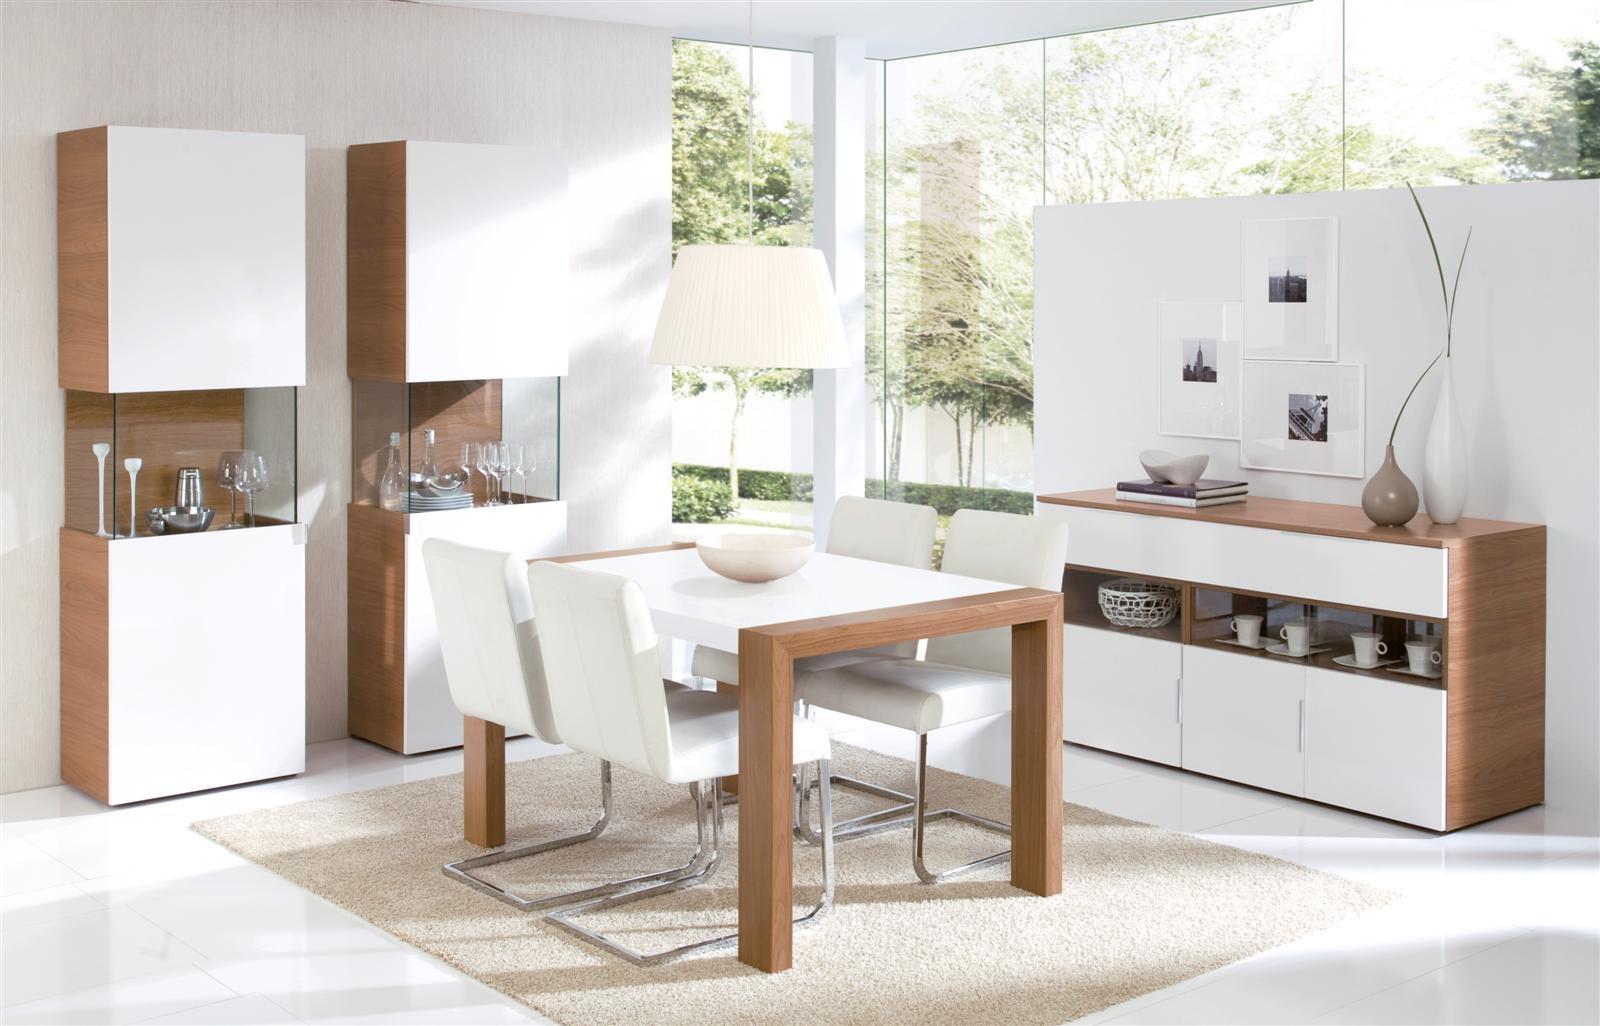 Salon moderno merino zaidin for Comedores grandes modernos